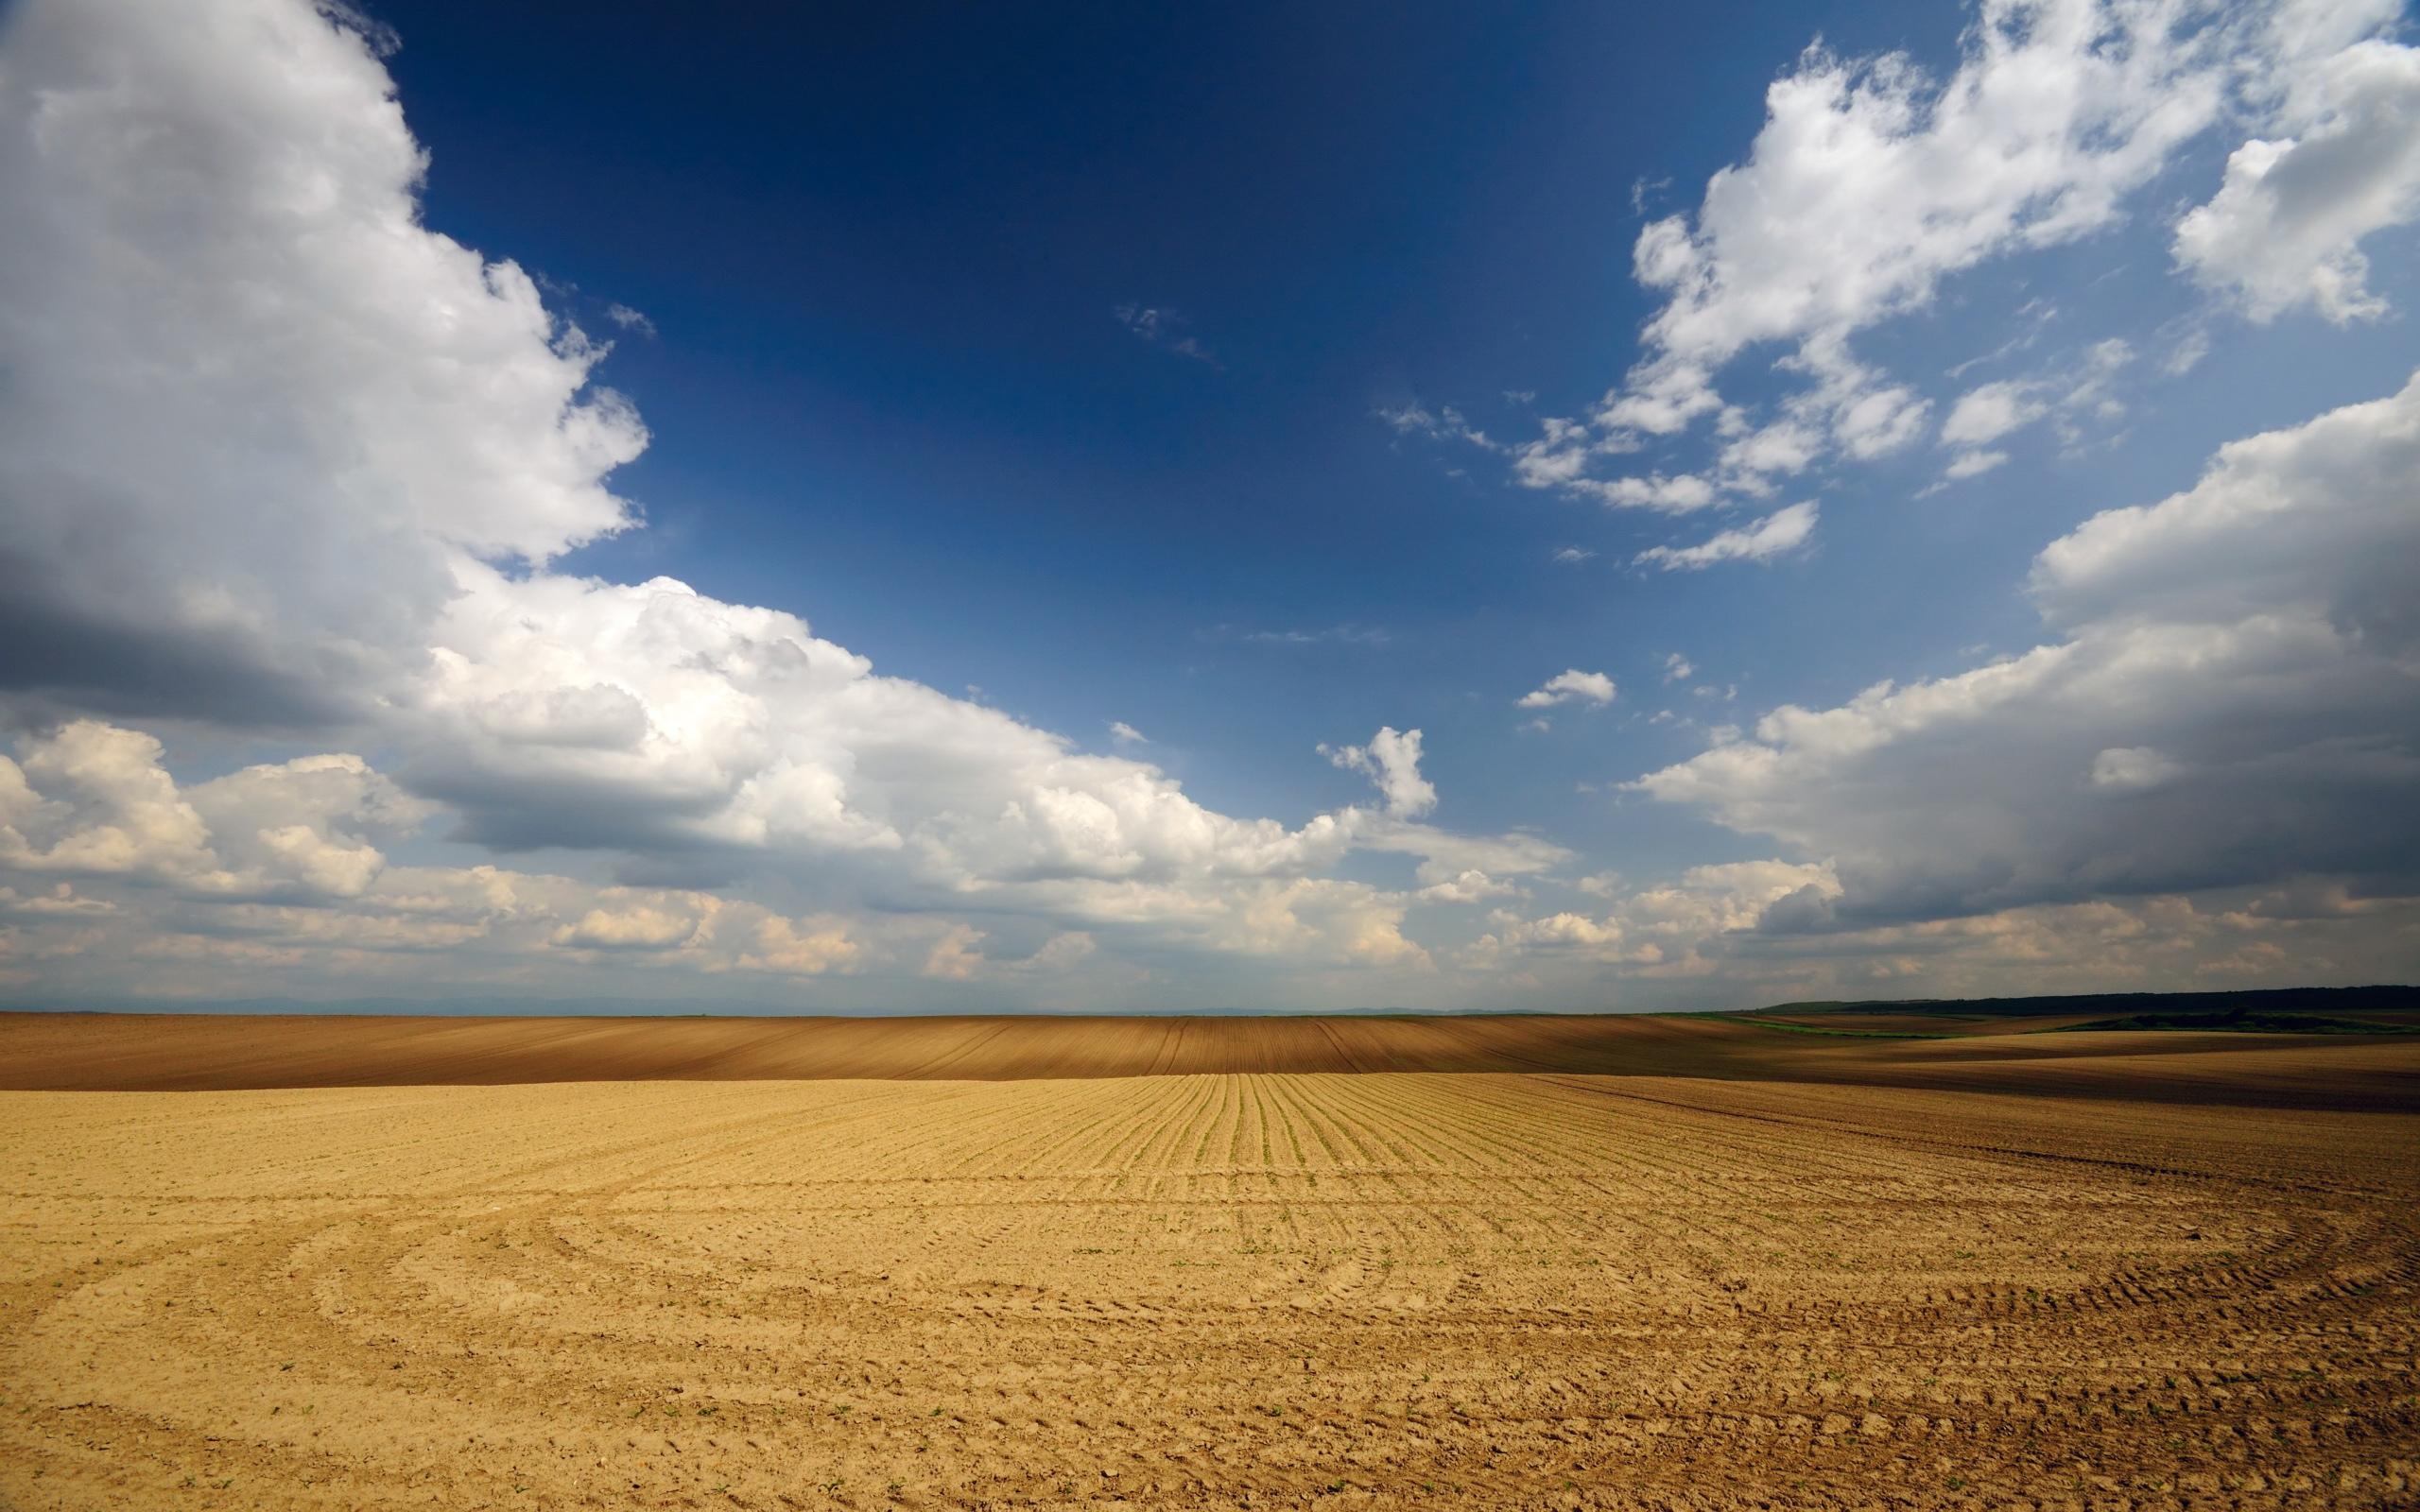 природа небо облака дорога горизонт  № 772101  скачать